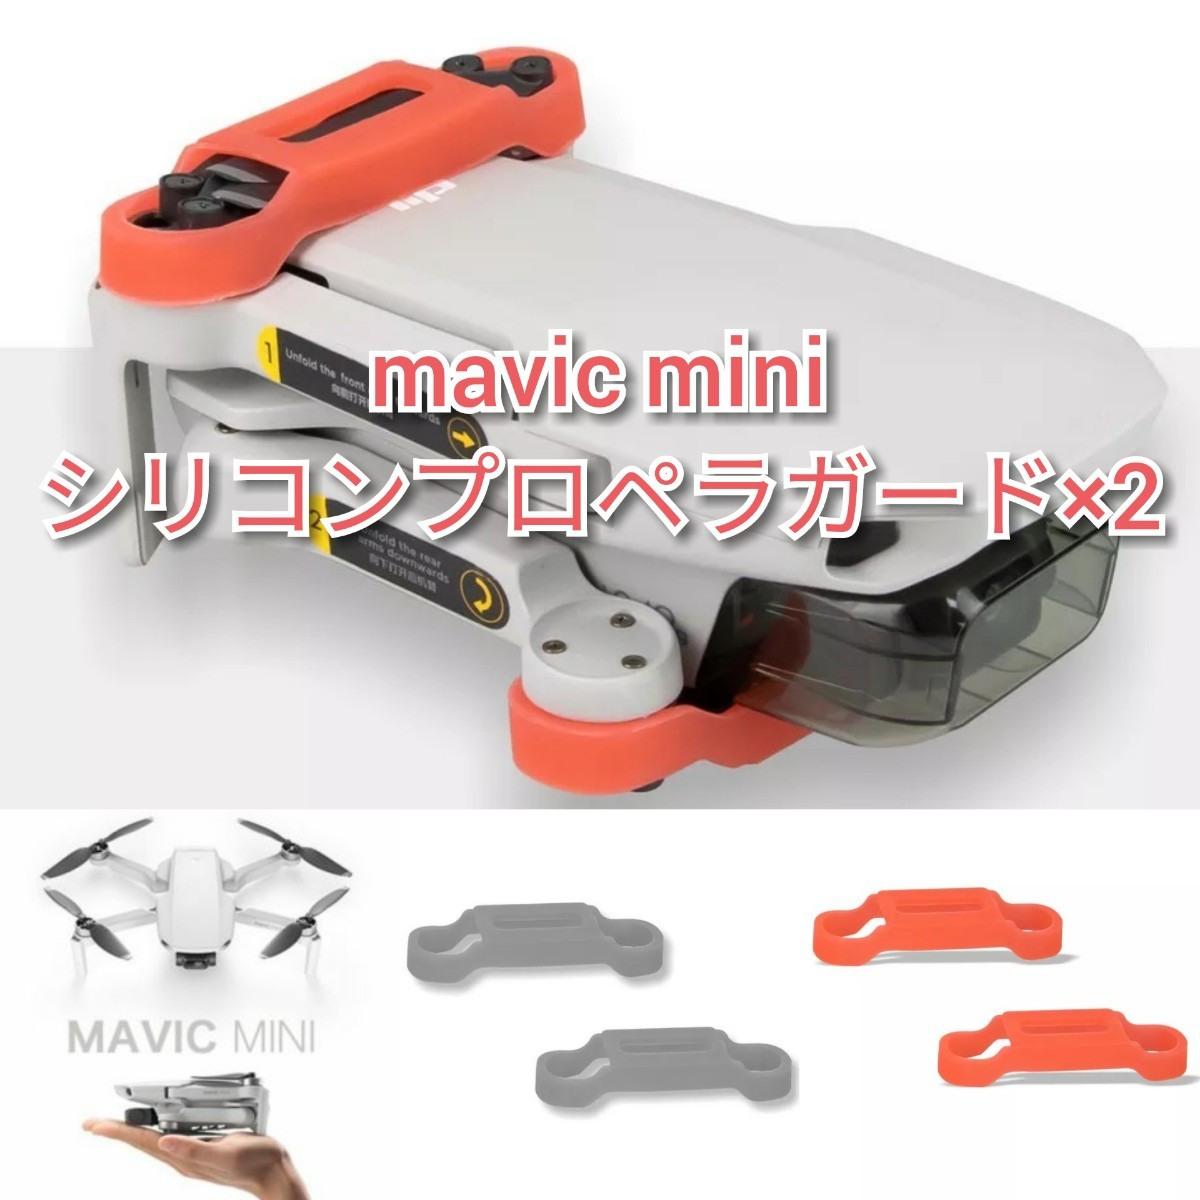 ■mavic mini/mini2 シリコン プロテクター 1個【赤 or 黒】